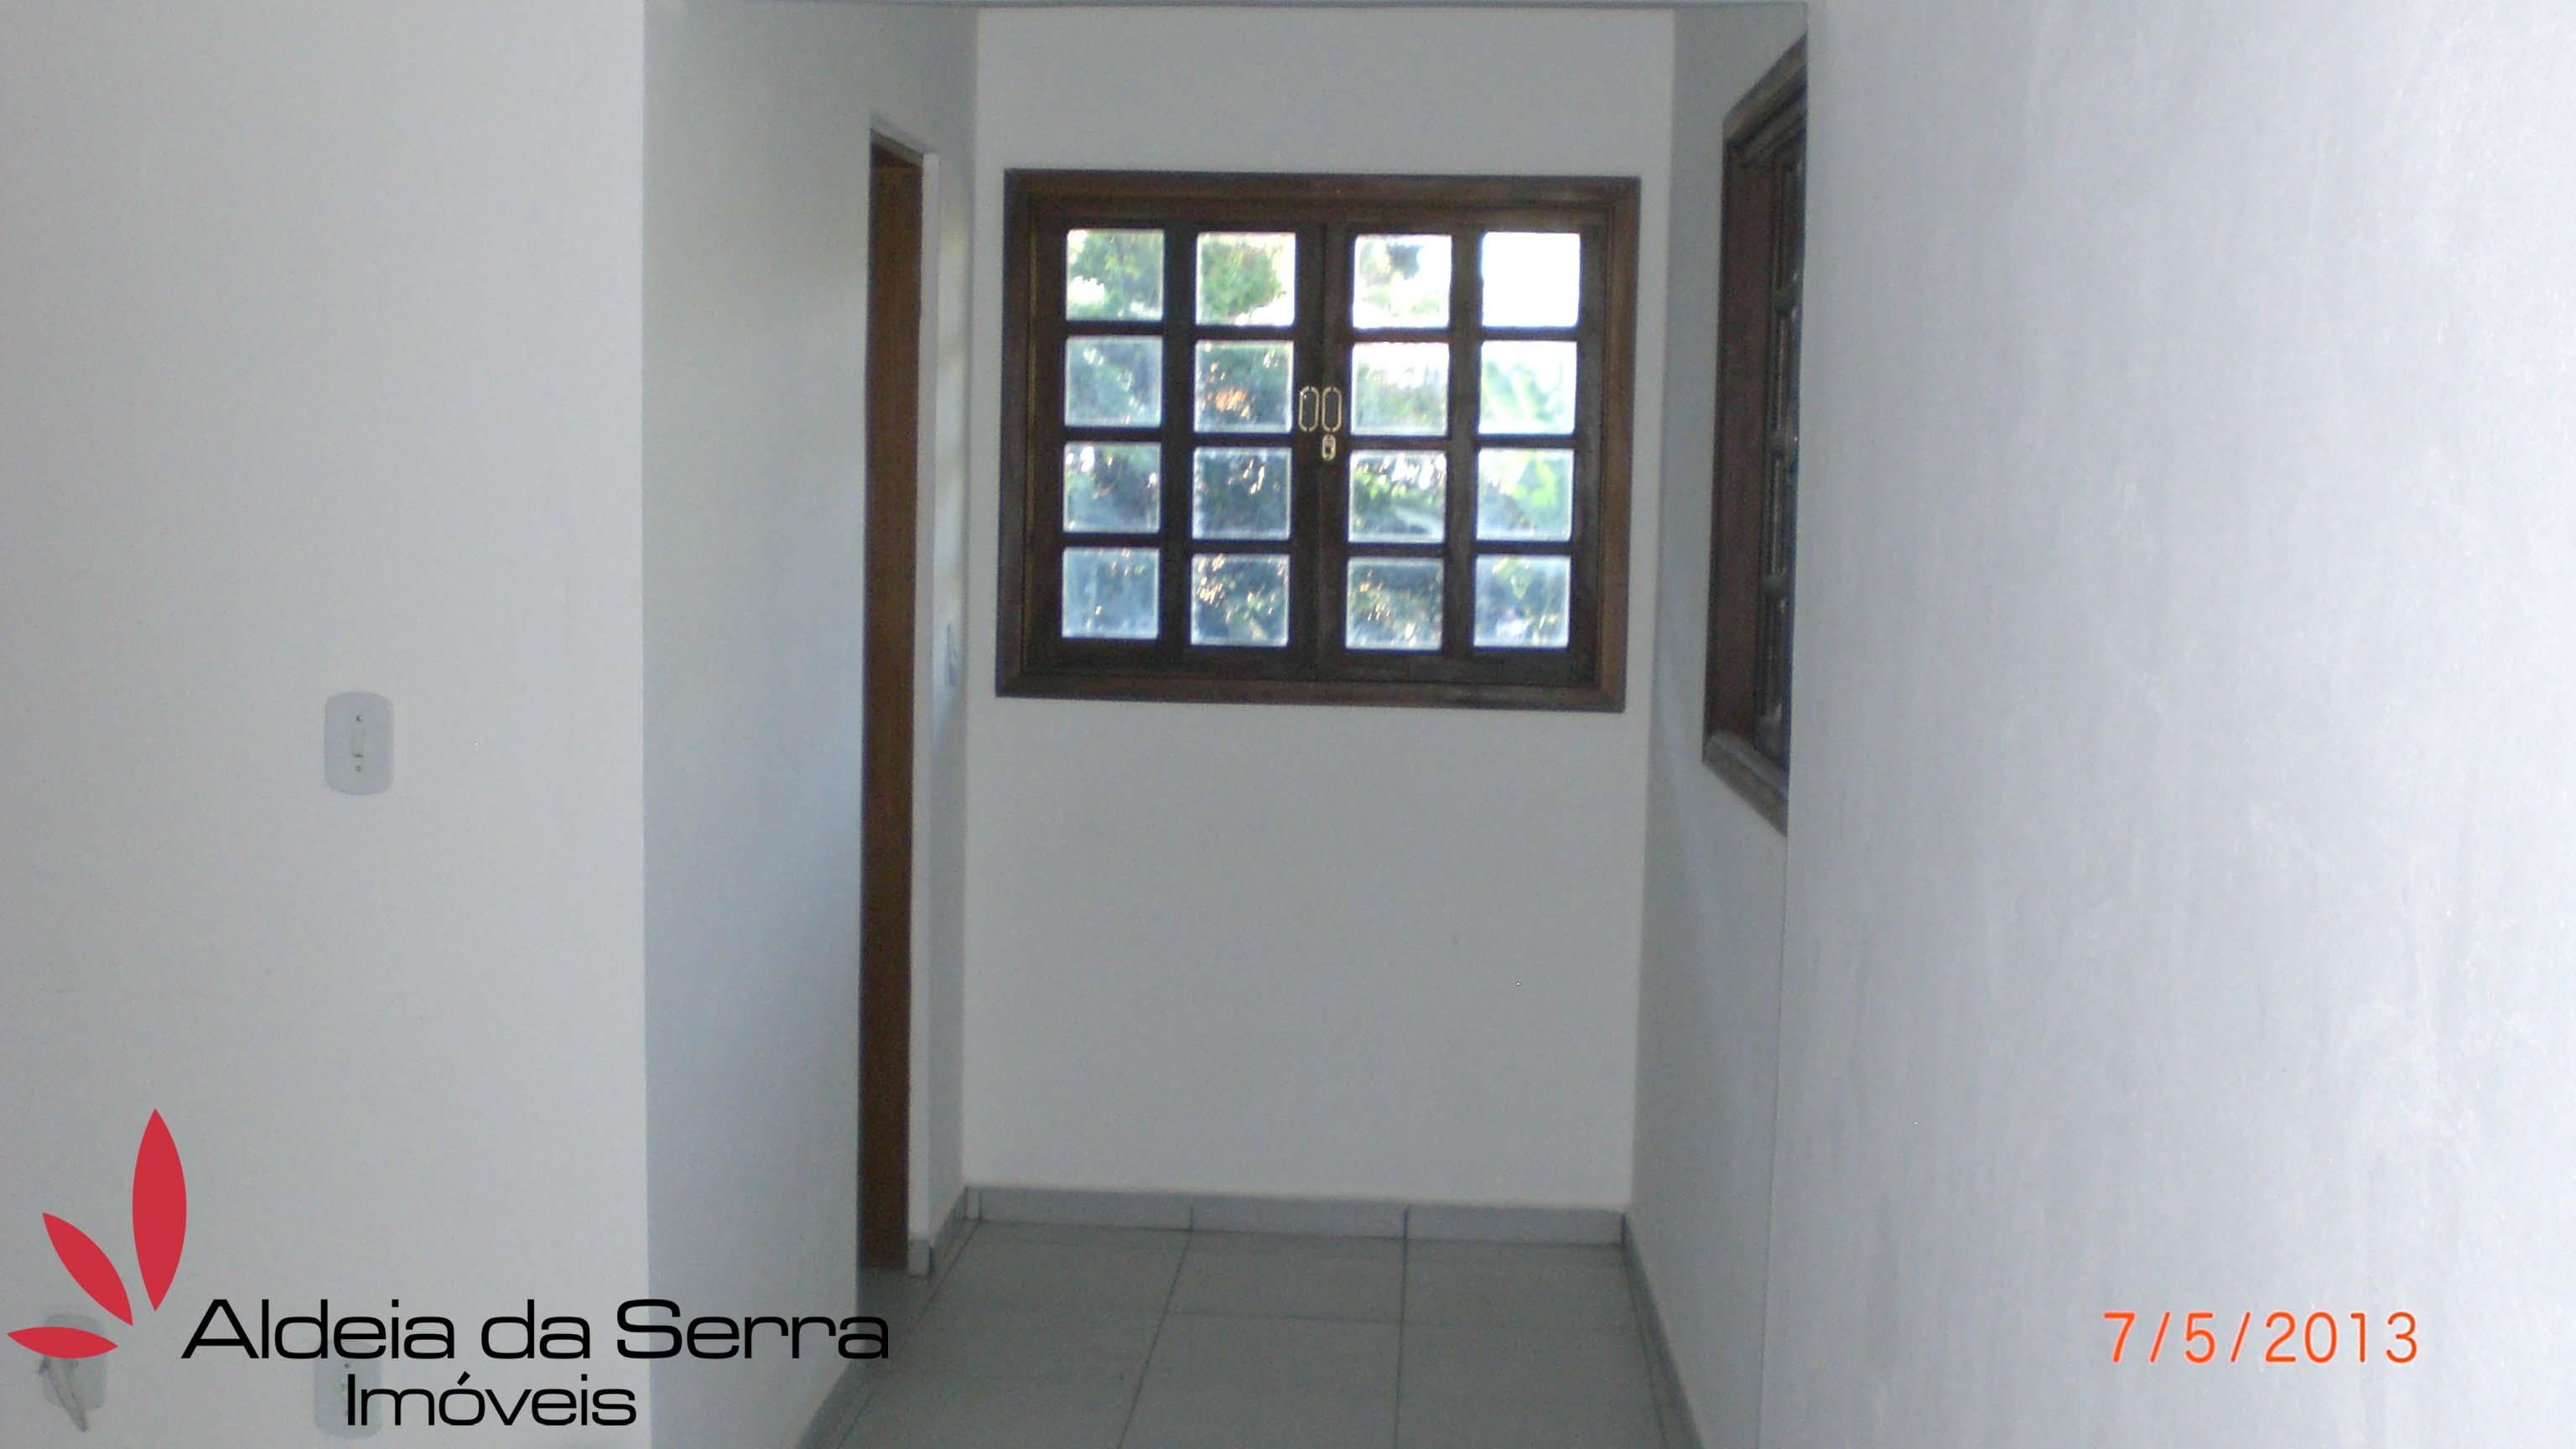 /admin/imoveis/fotos/imagem5_09092016153410.jpg Aldeia da Serra Imoveis